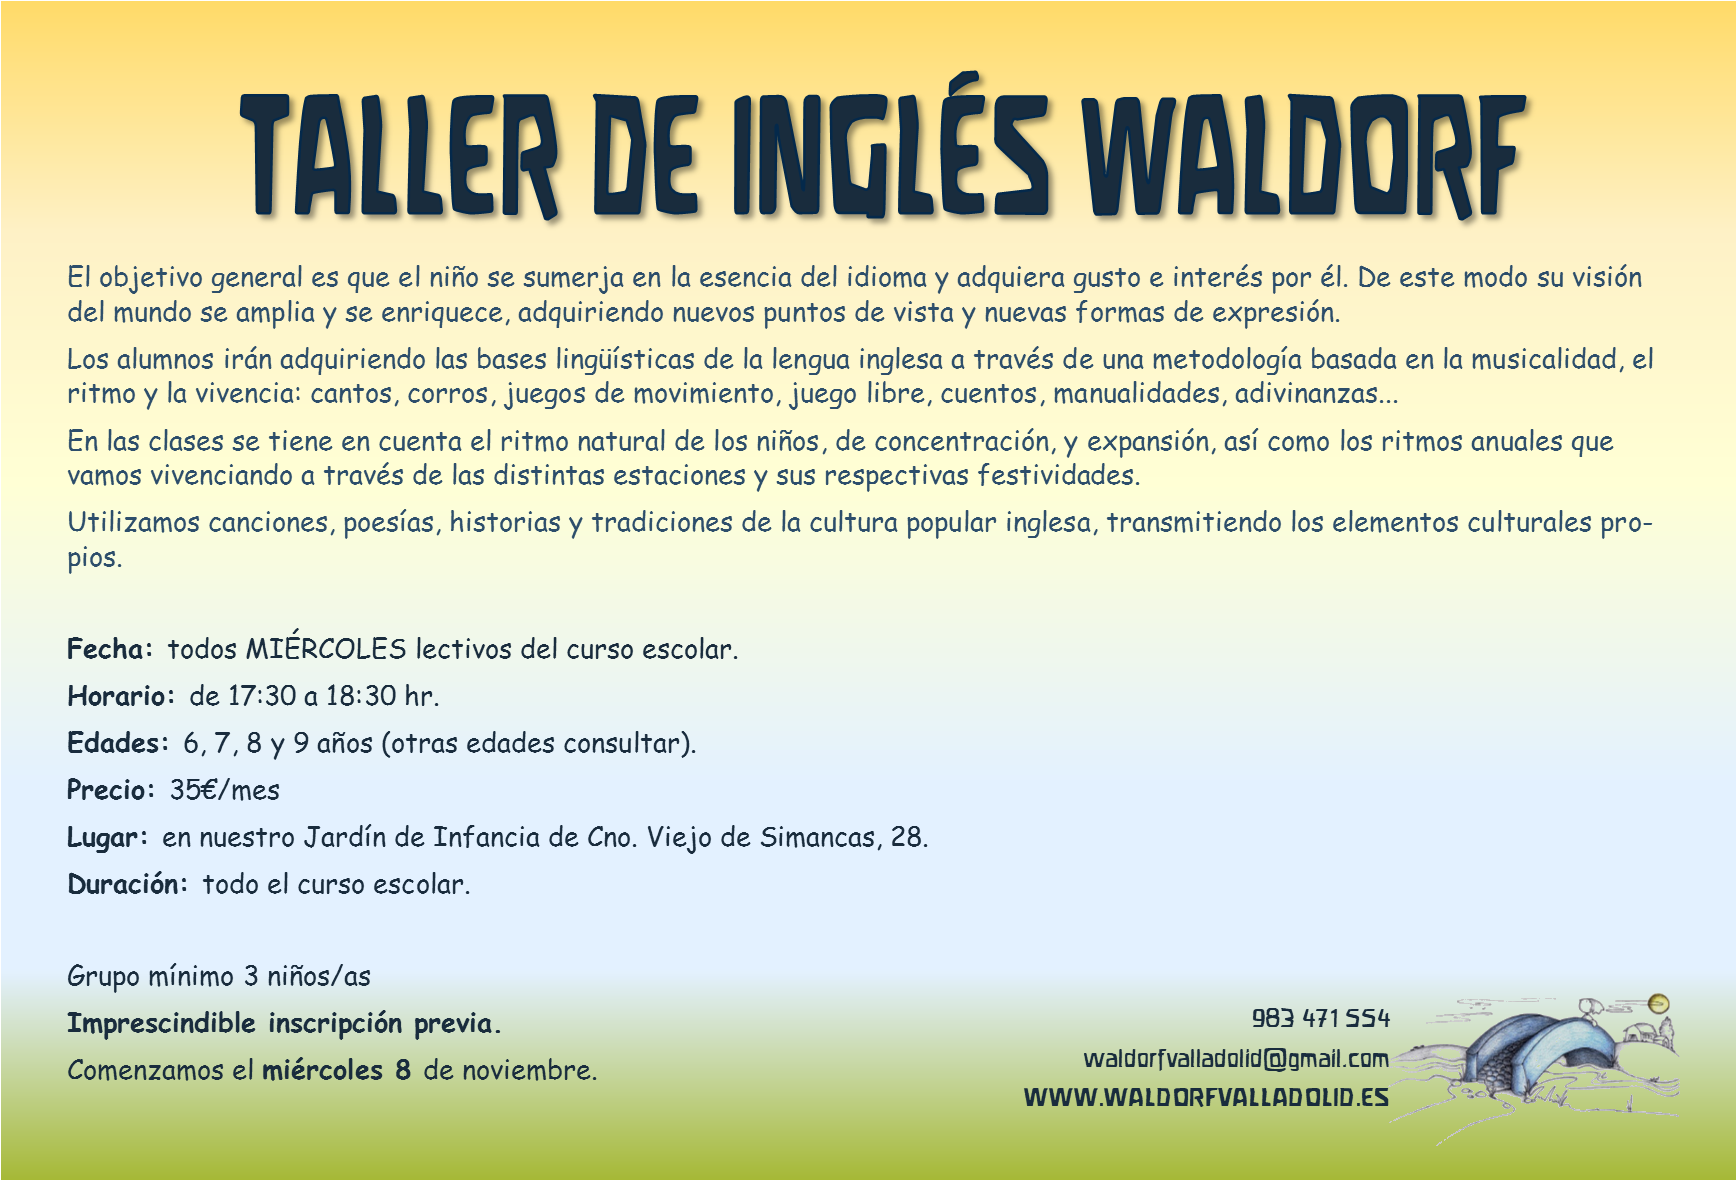 taller-de-ingles-puente-azul-valladolid-waldorf.png